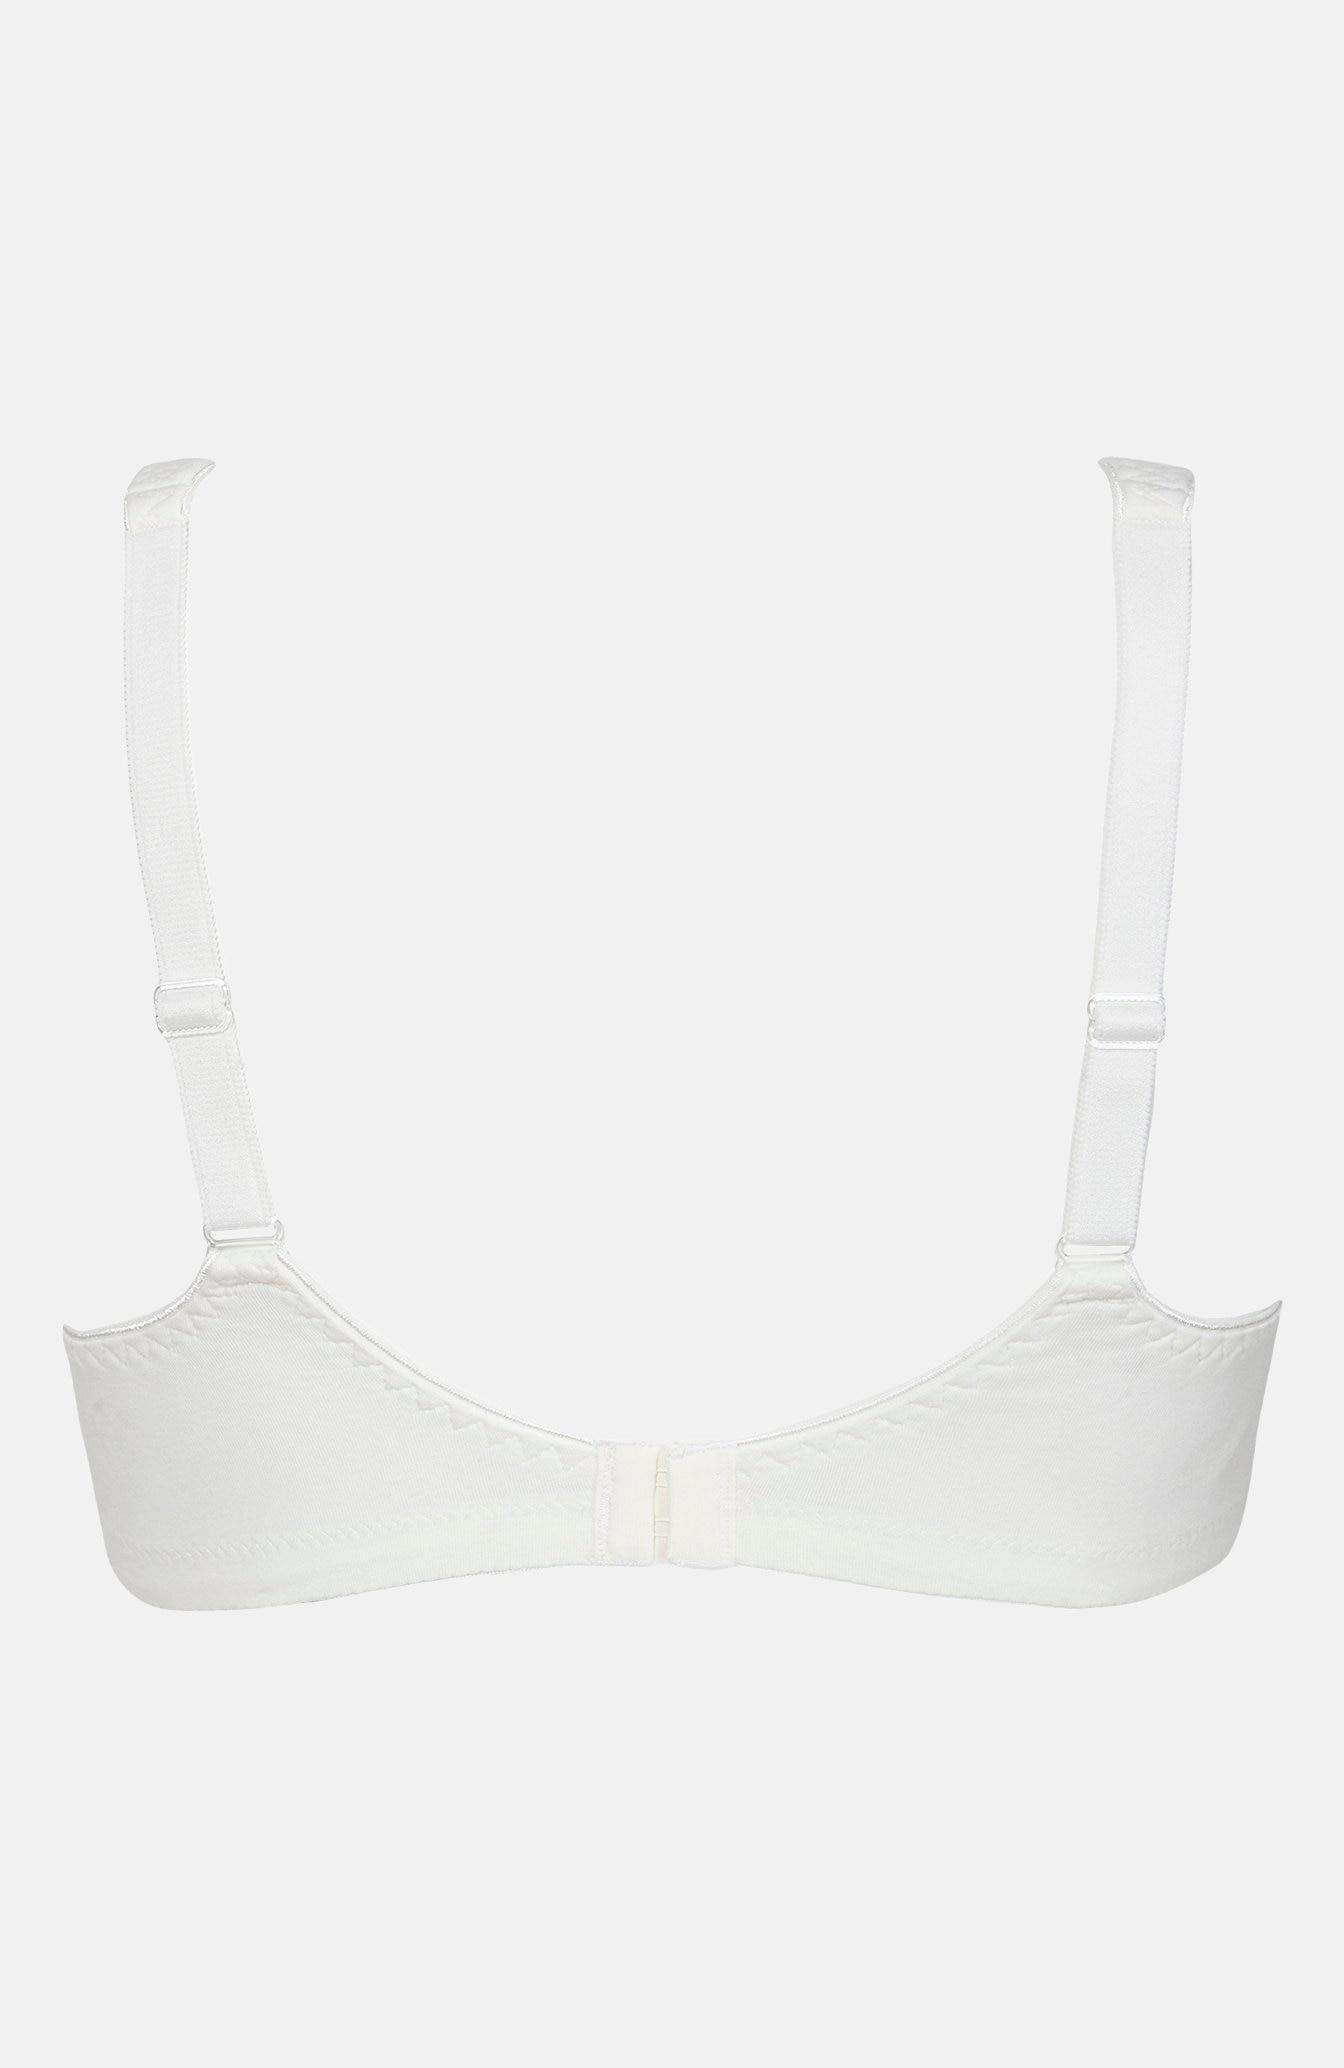 Rintaliivit ilman kaaritukia Leah 2 kpl/pakkaus